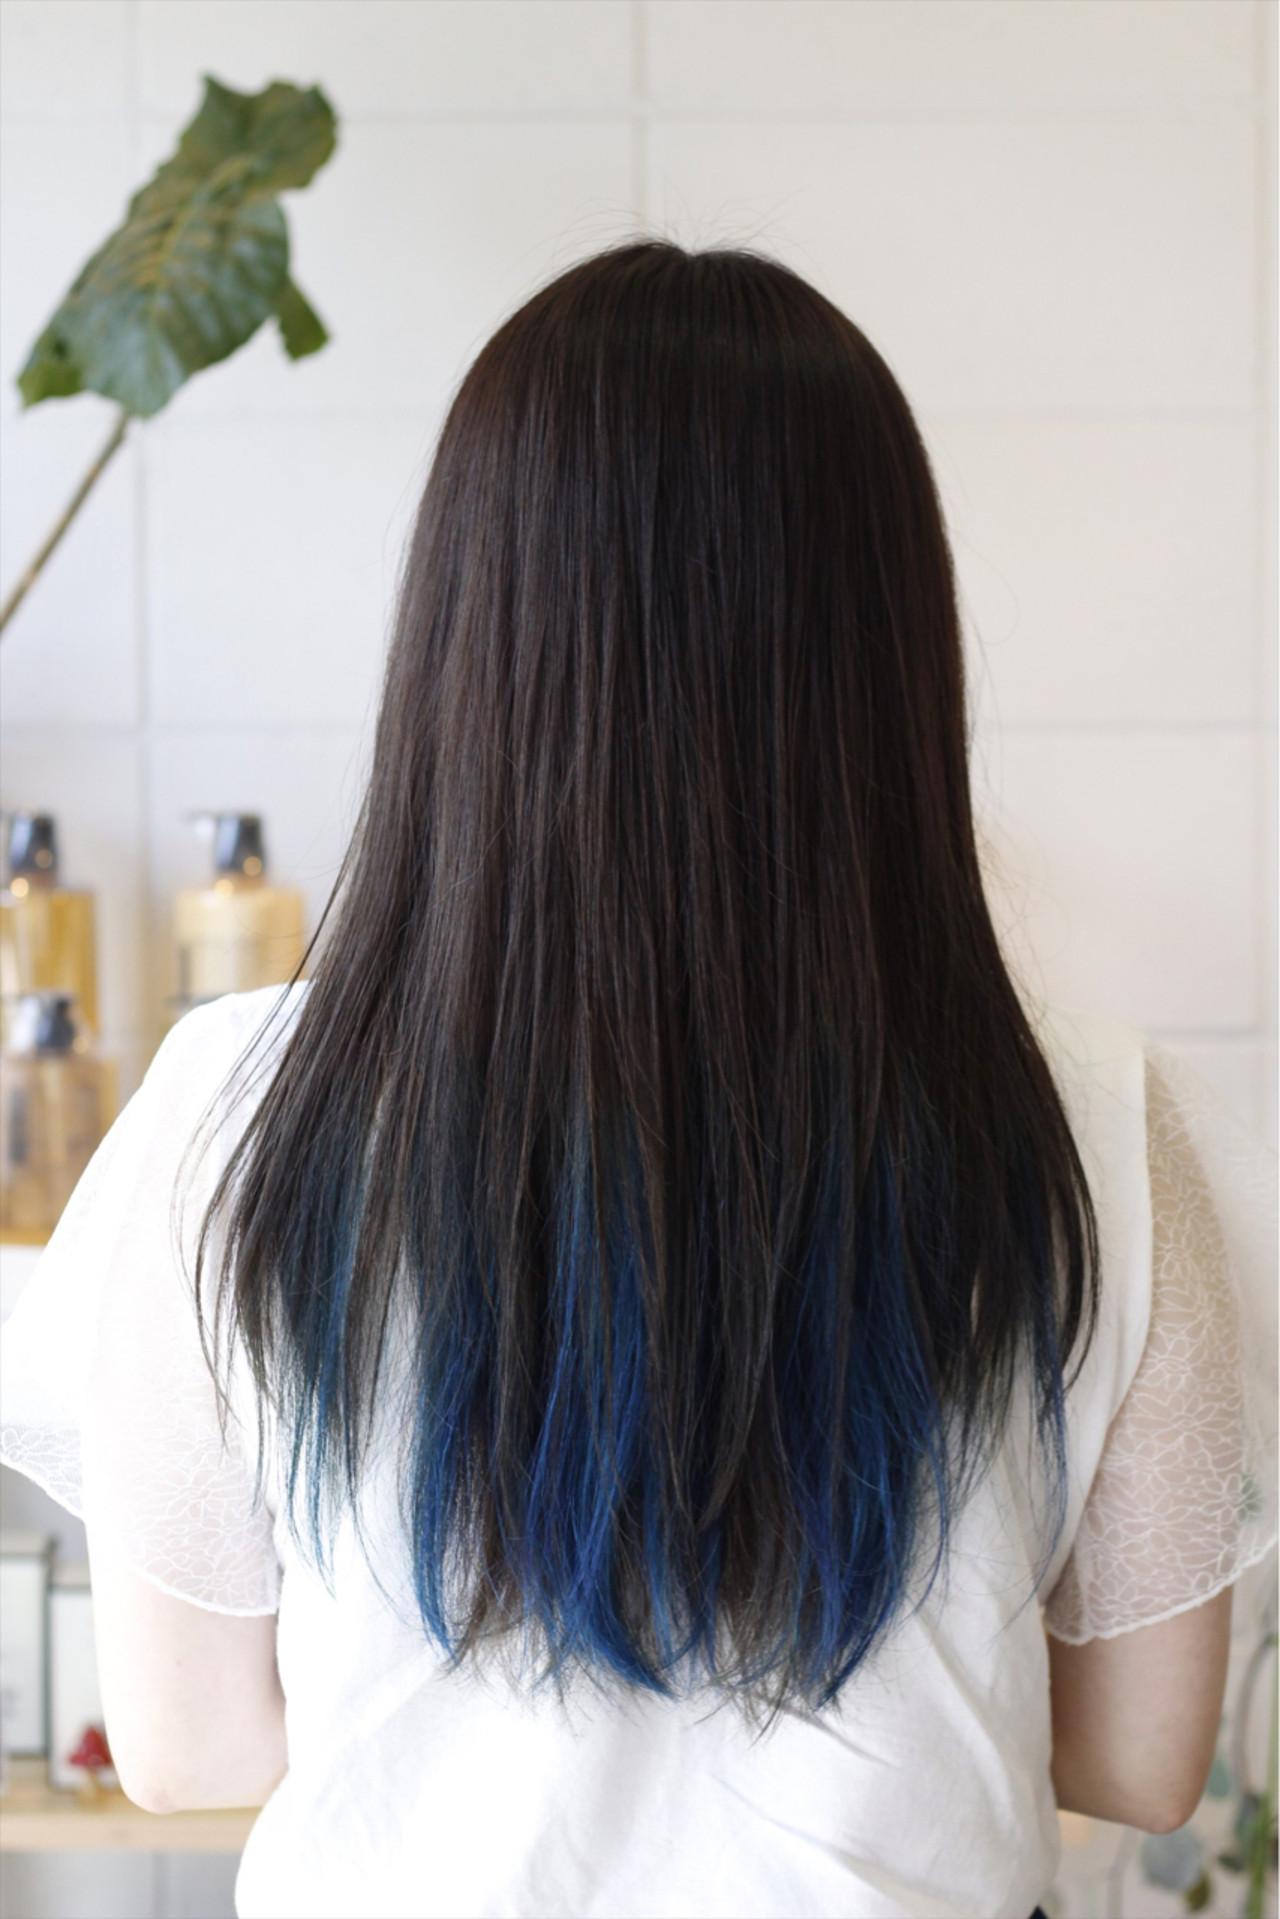 ロング モード インナーカラー ダブルカラーヘアスタイルや髪型の写真・画像